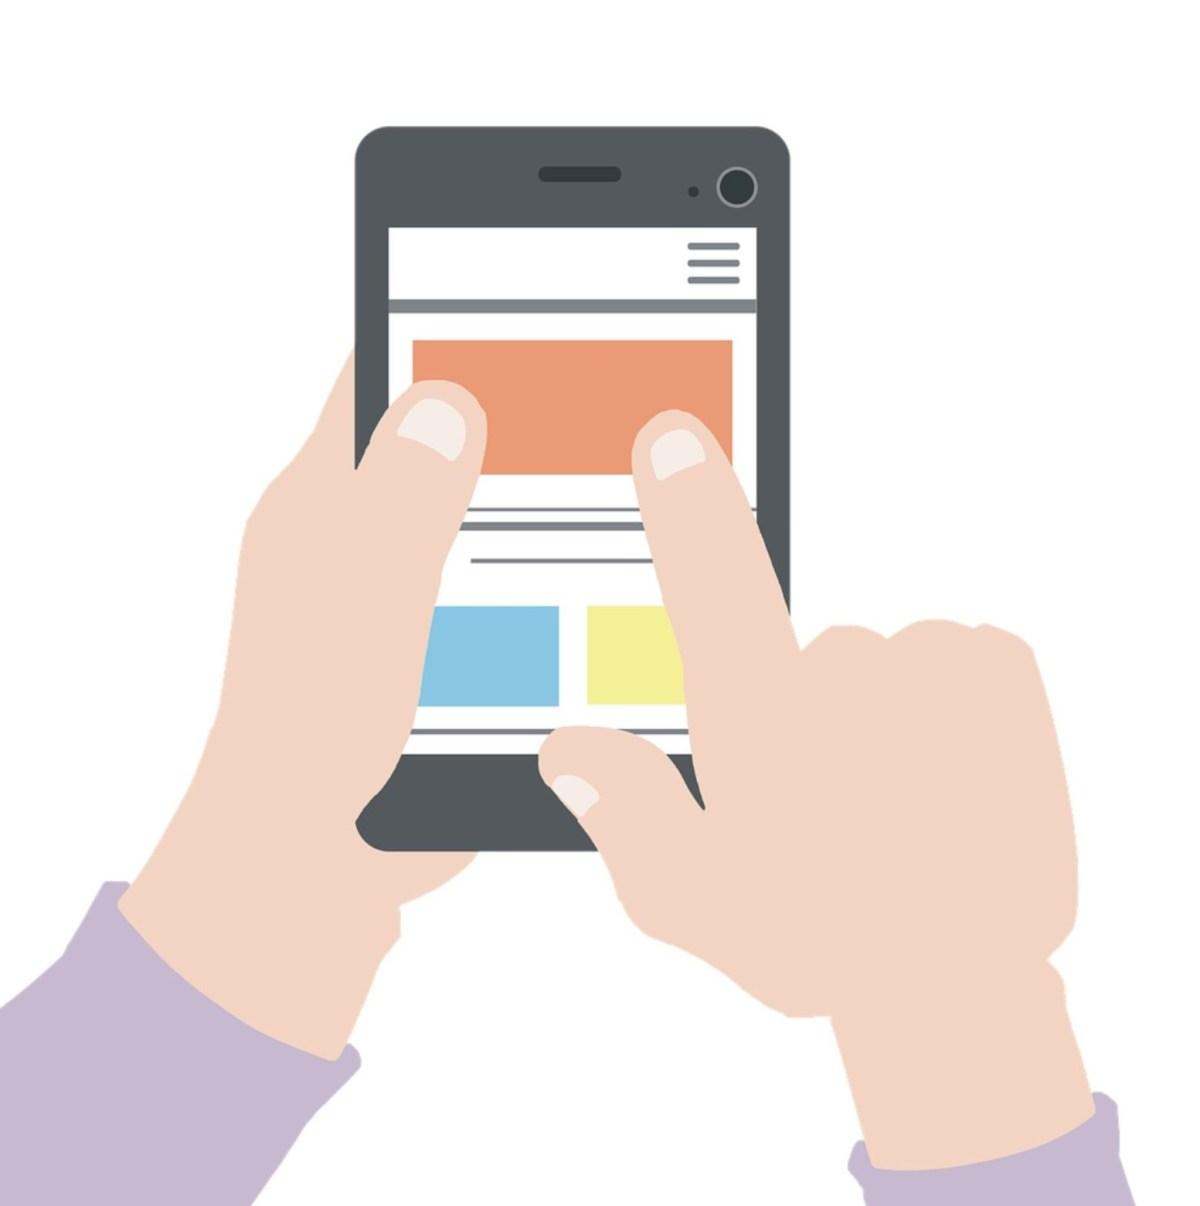 objetivos da campanha para apps